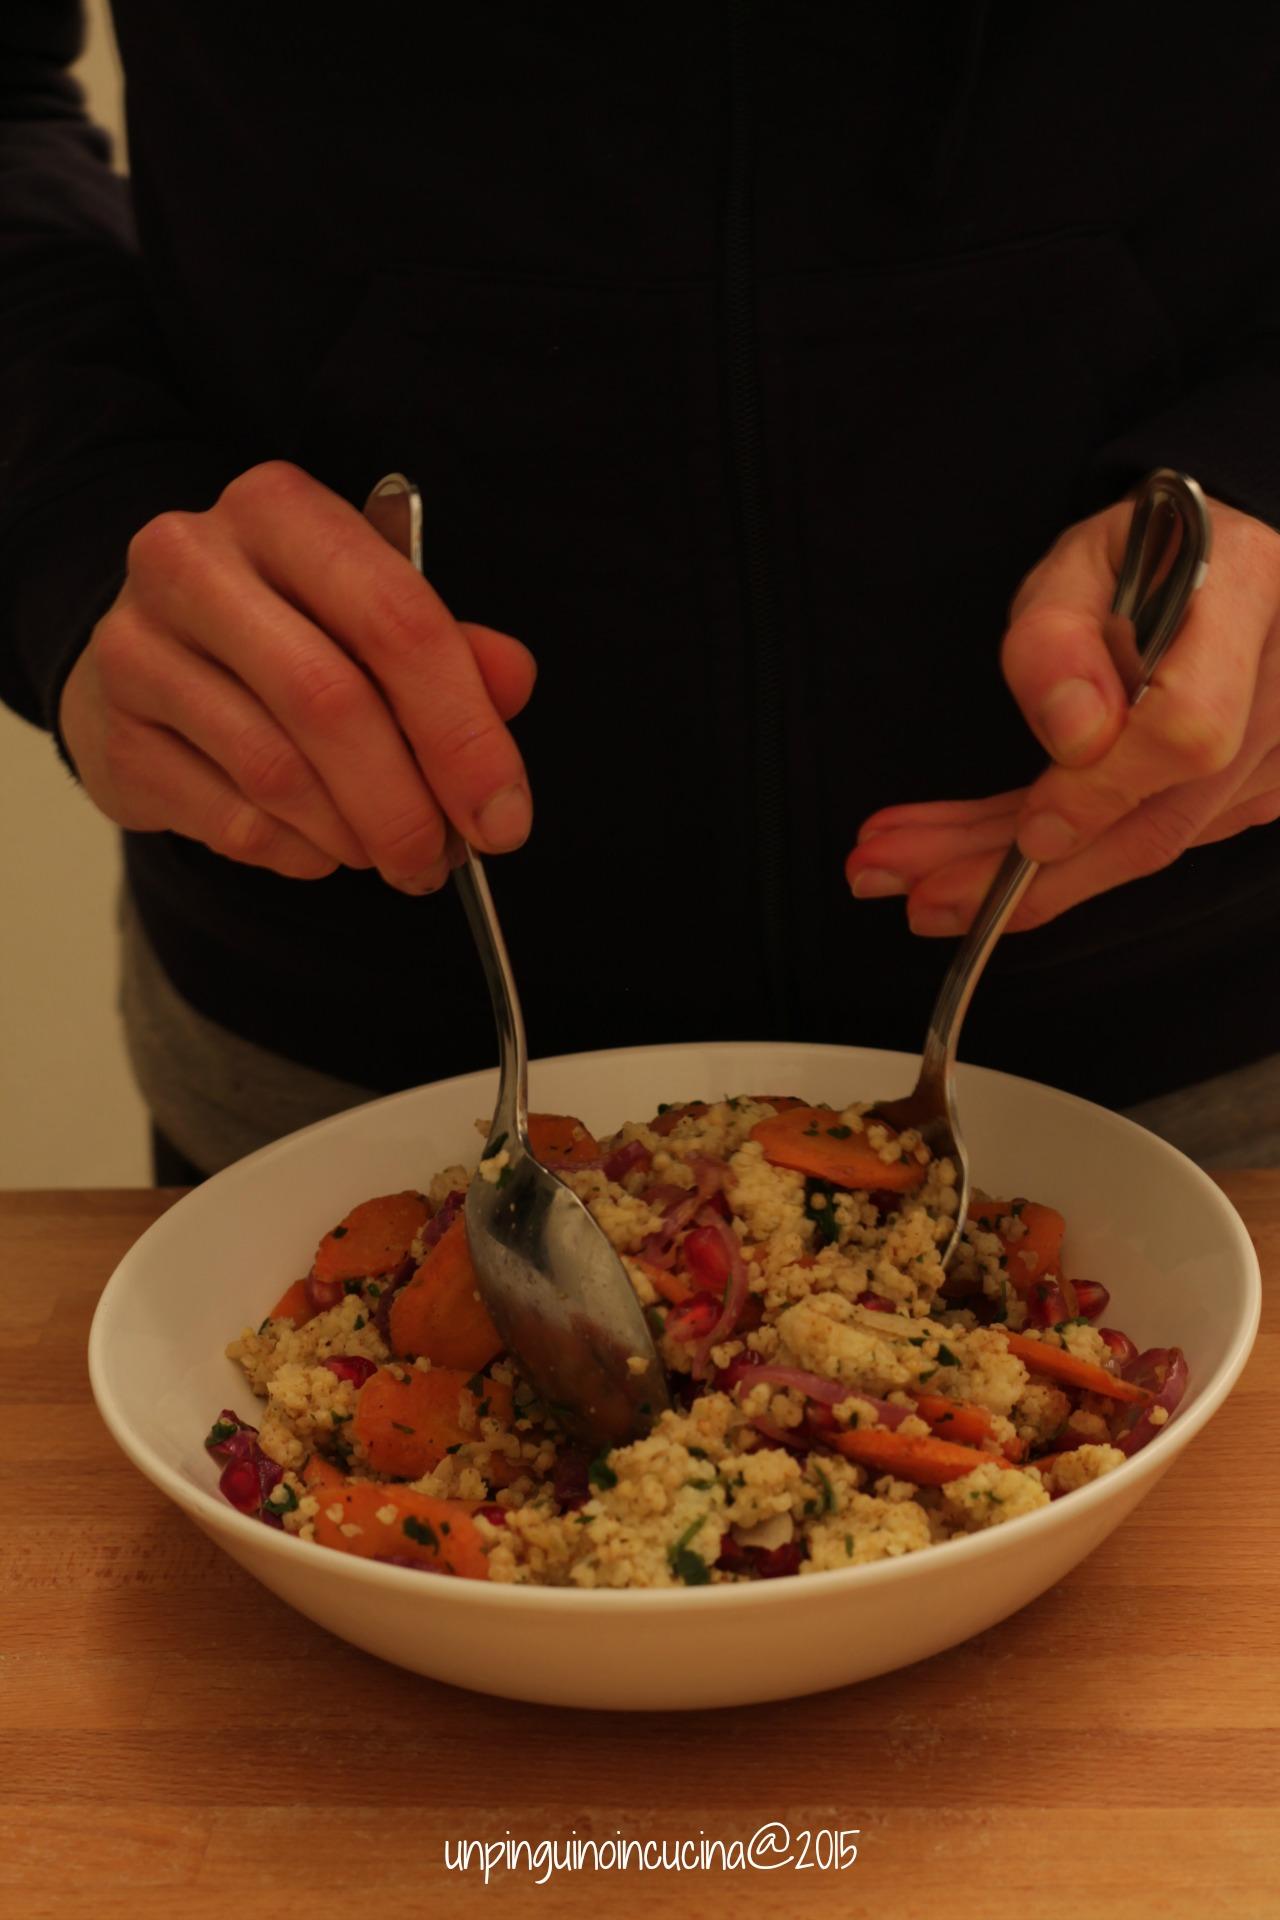 insalata-marocchina-di-carote-e-miglio